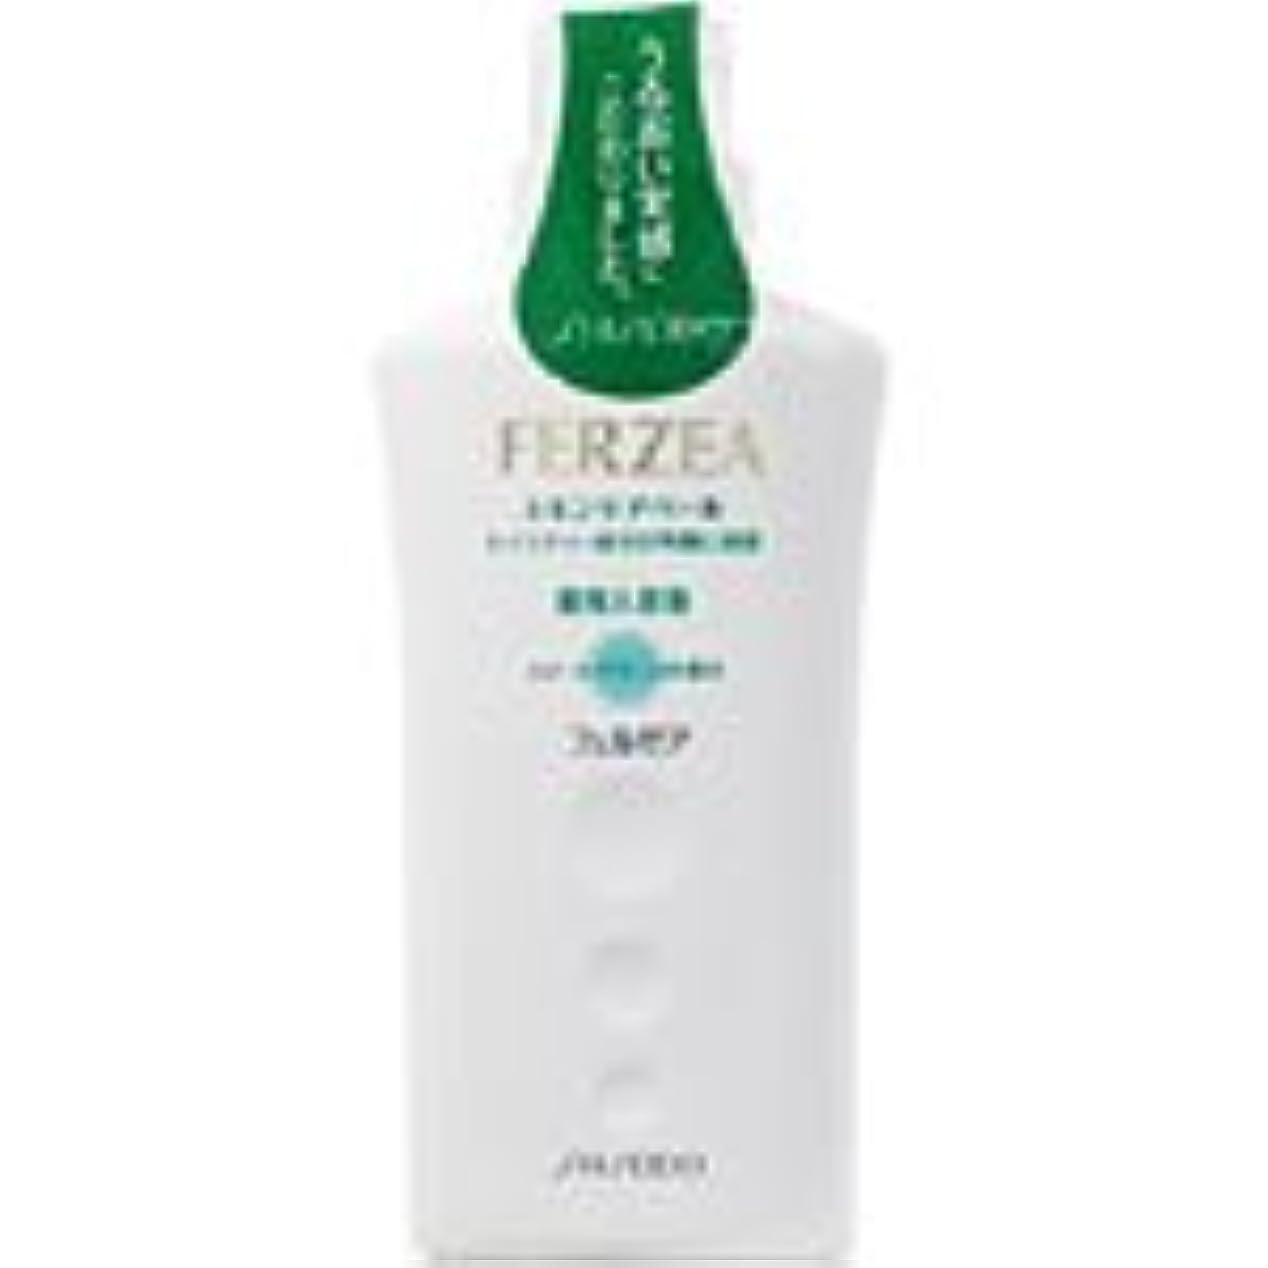 一致無能有益なフェルゼア薬用スキンケア入浴液G 600ml